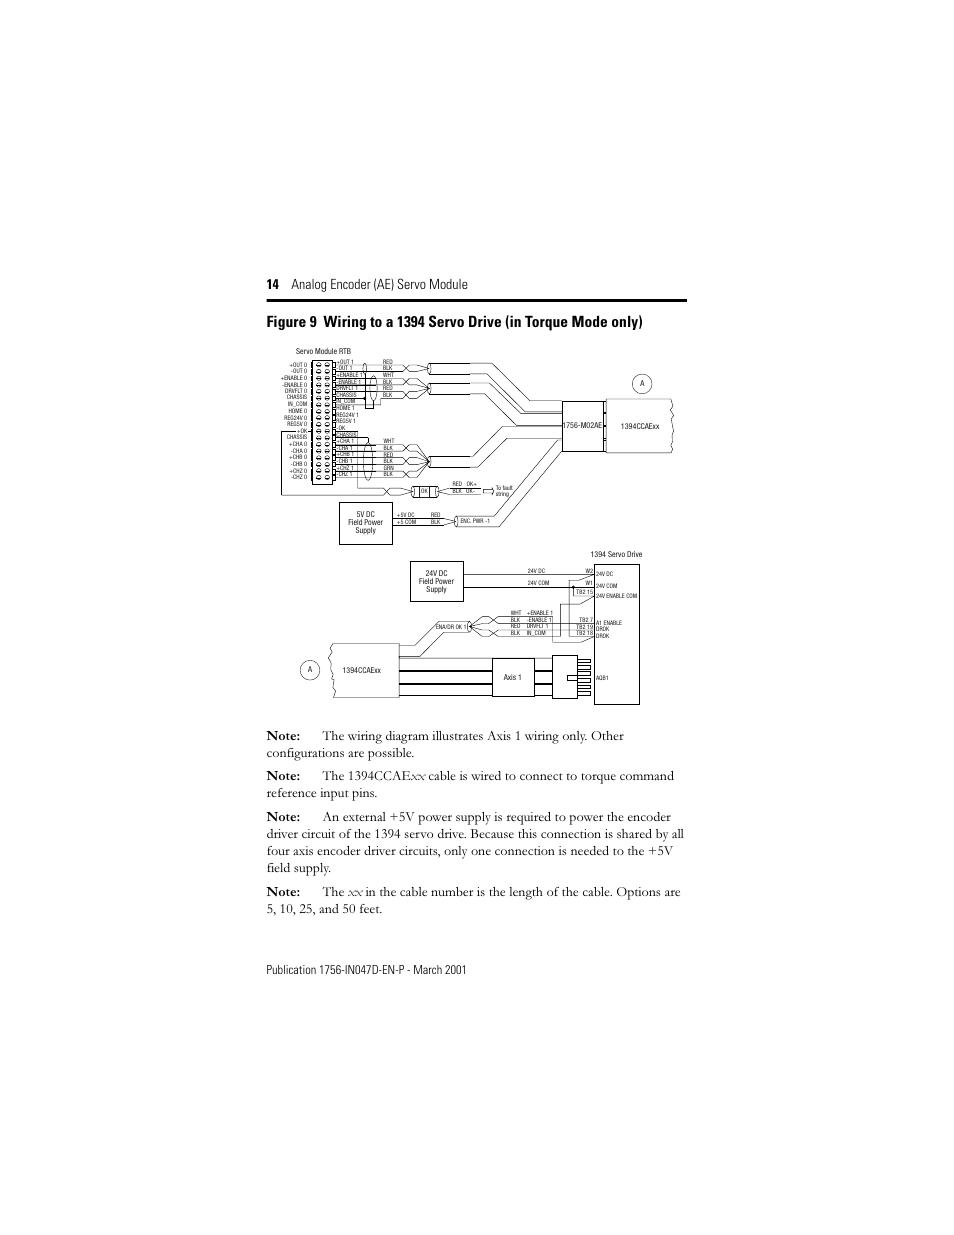 14 analog encoder ae servo module rockwell automation 1756 m02ae rh manualsdir com